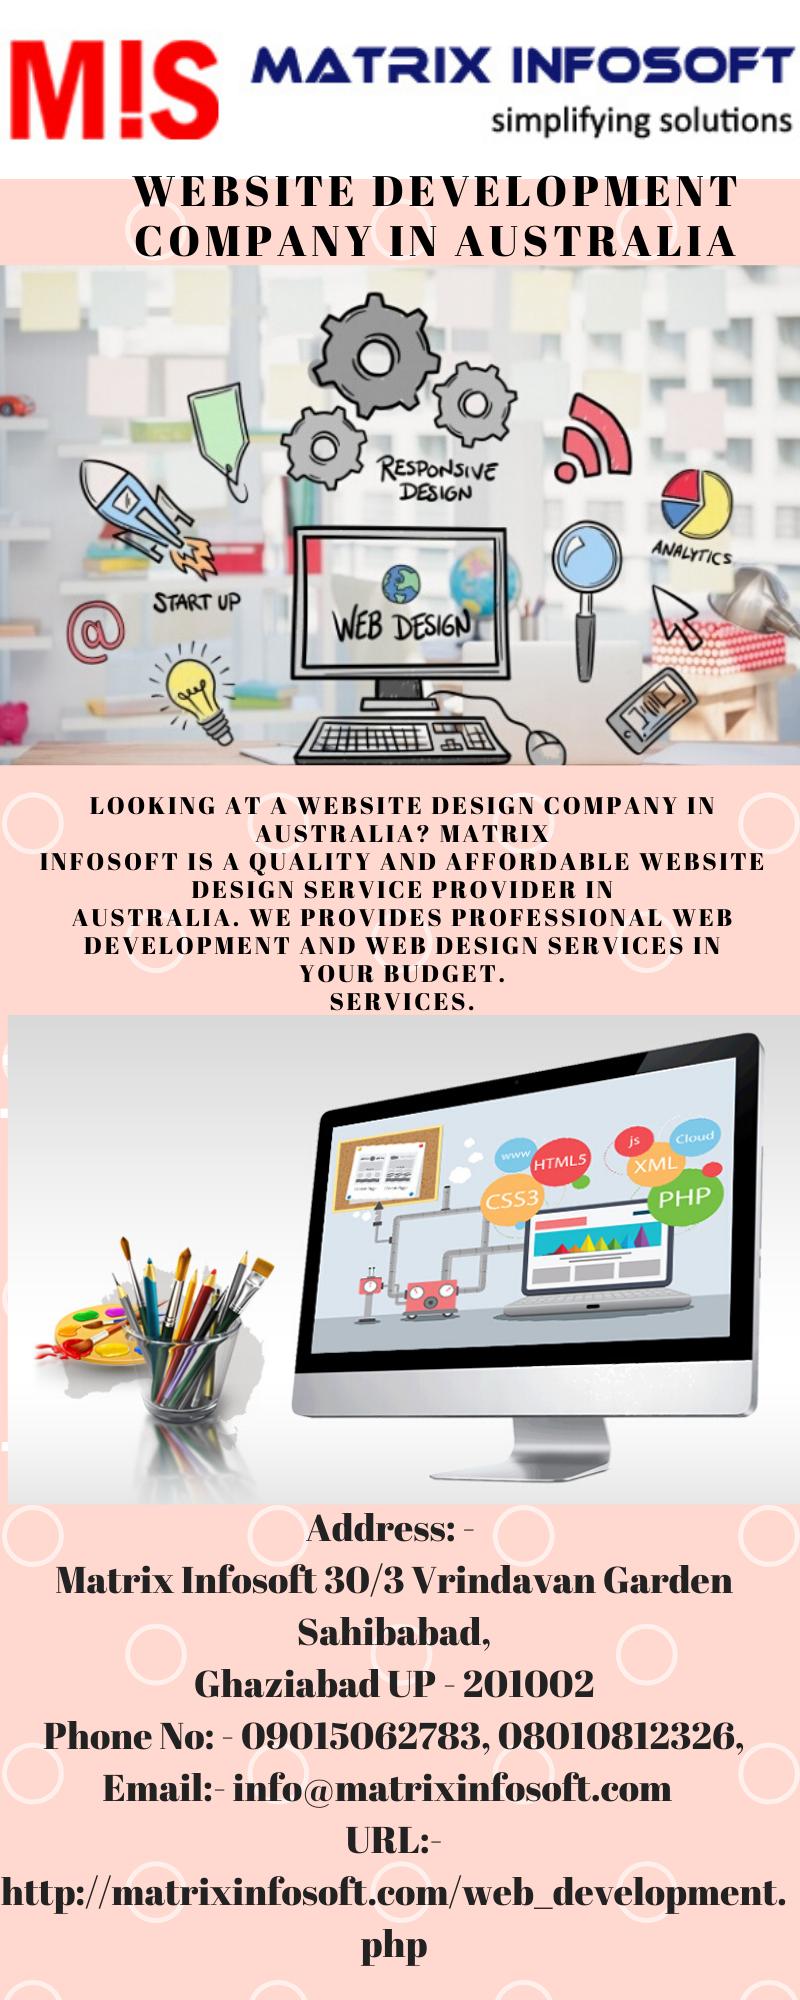 Website Development Company In Australia In 2020 Website Design Services Website Development Website Design Company